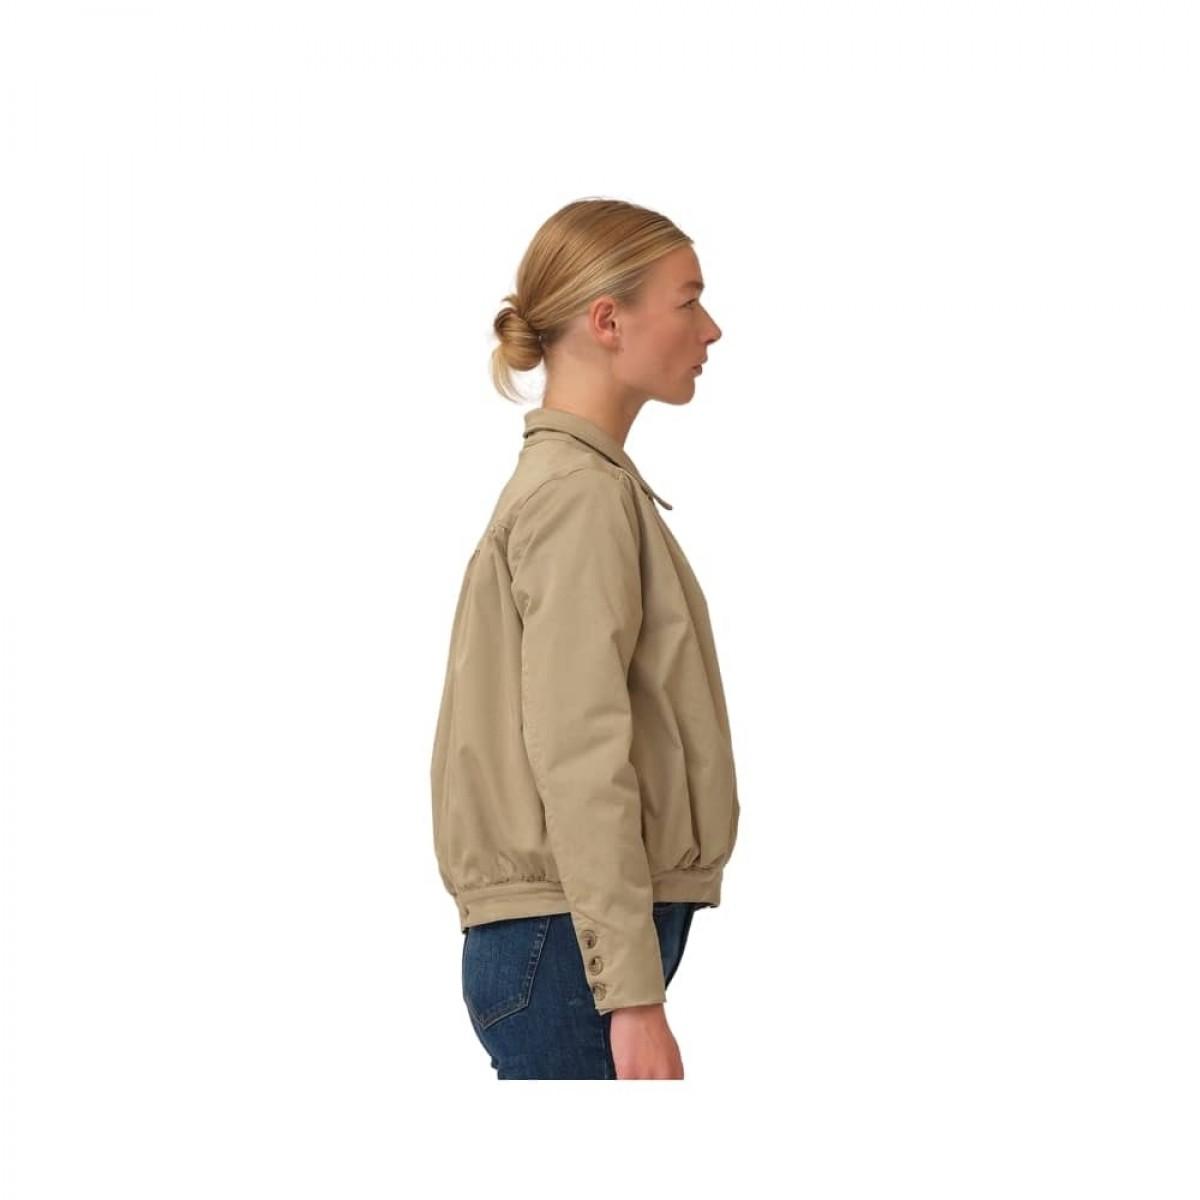 greta cropped jacket - camel - model fra siden